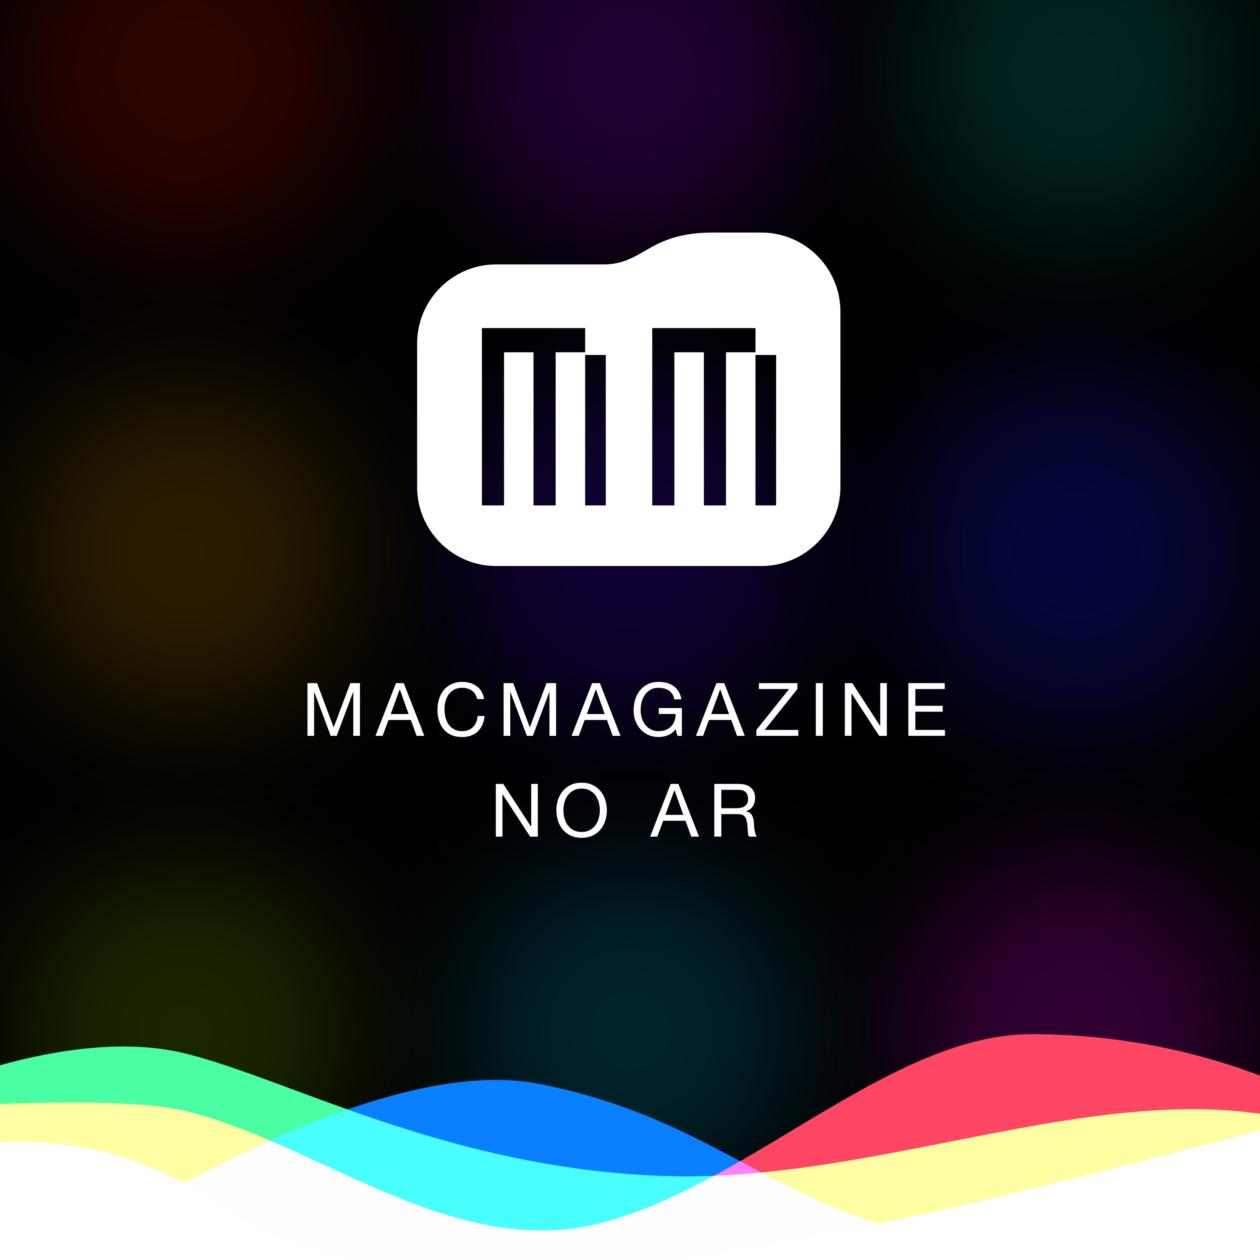 غلاف بودكاست جديد - MacMagazine on Air